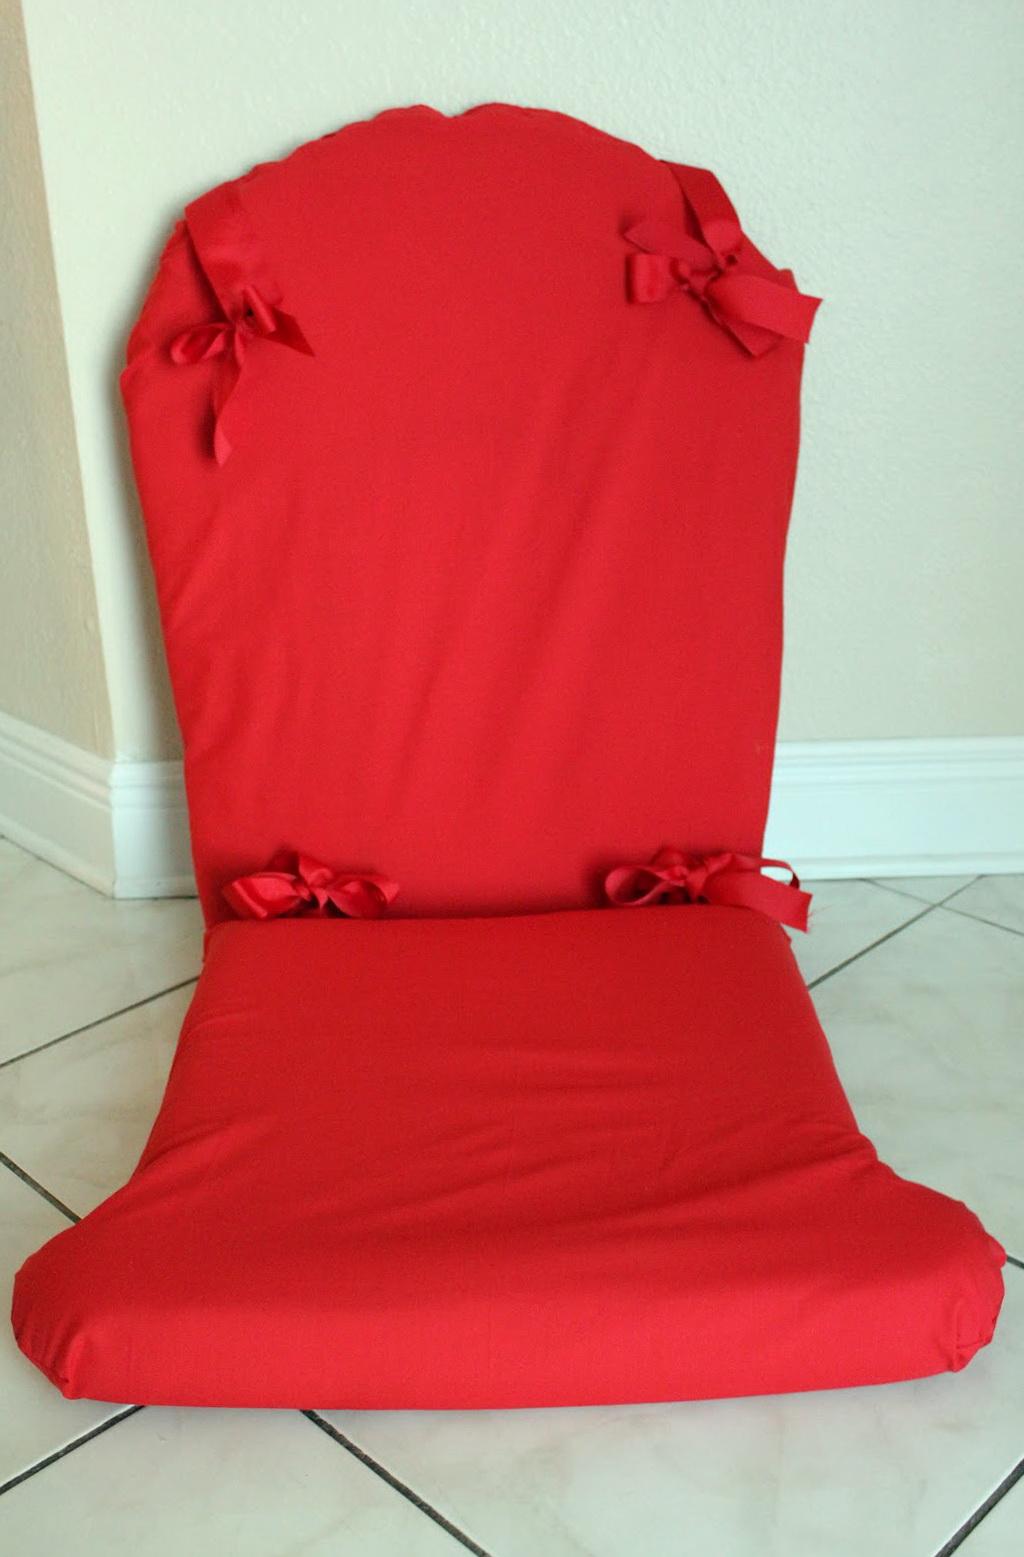 Rocking Chair Cushions Diy Home Design Ideas